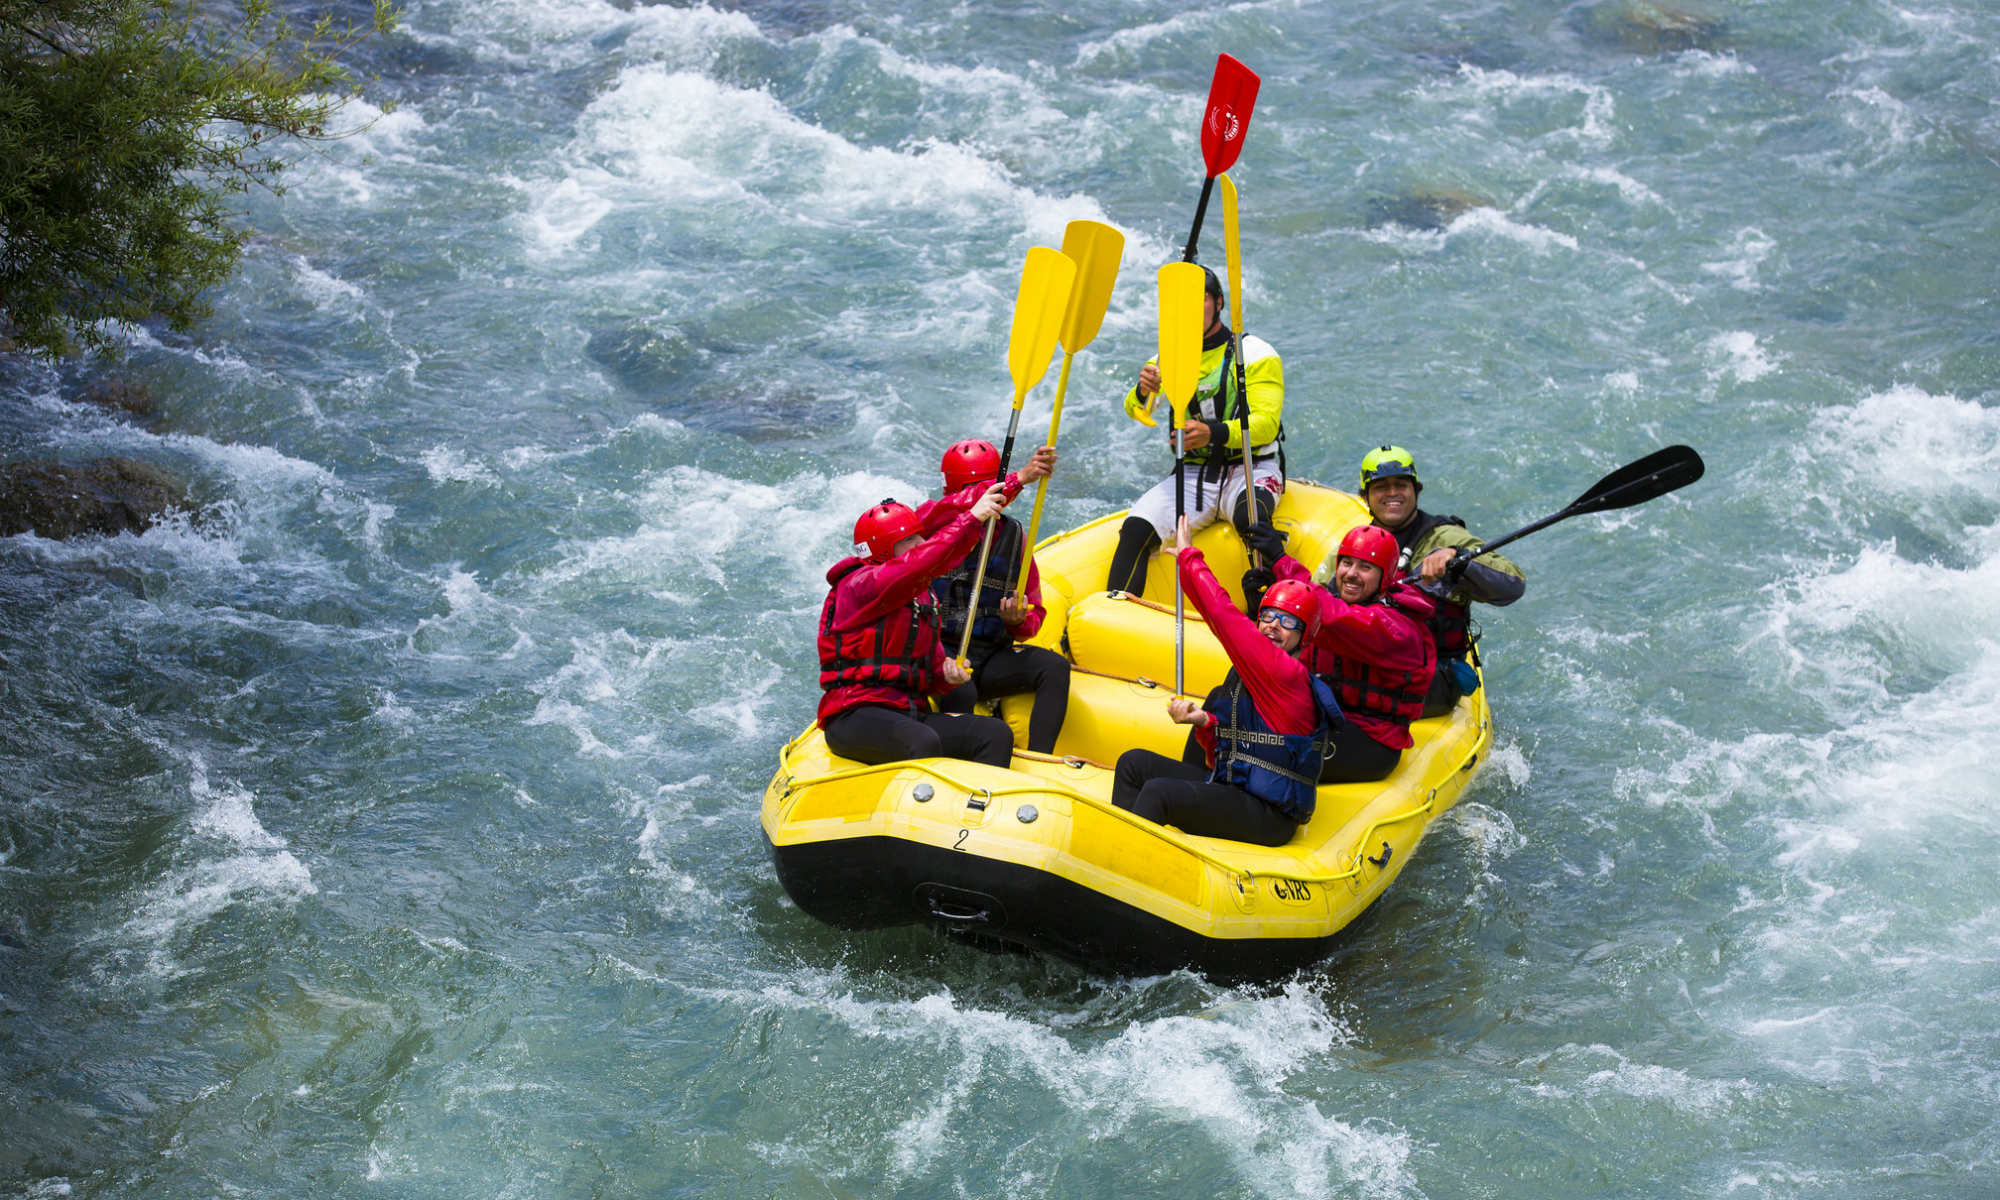 Un groupe dans un raft dans les rapides du Noce en Italie.